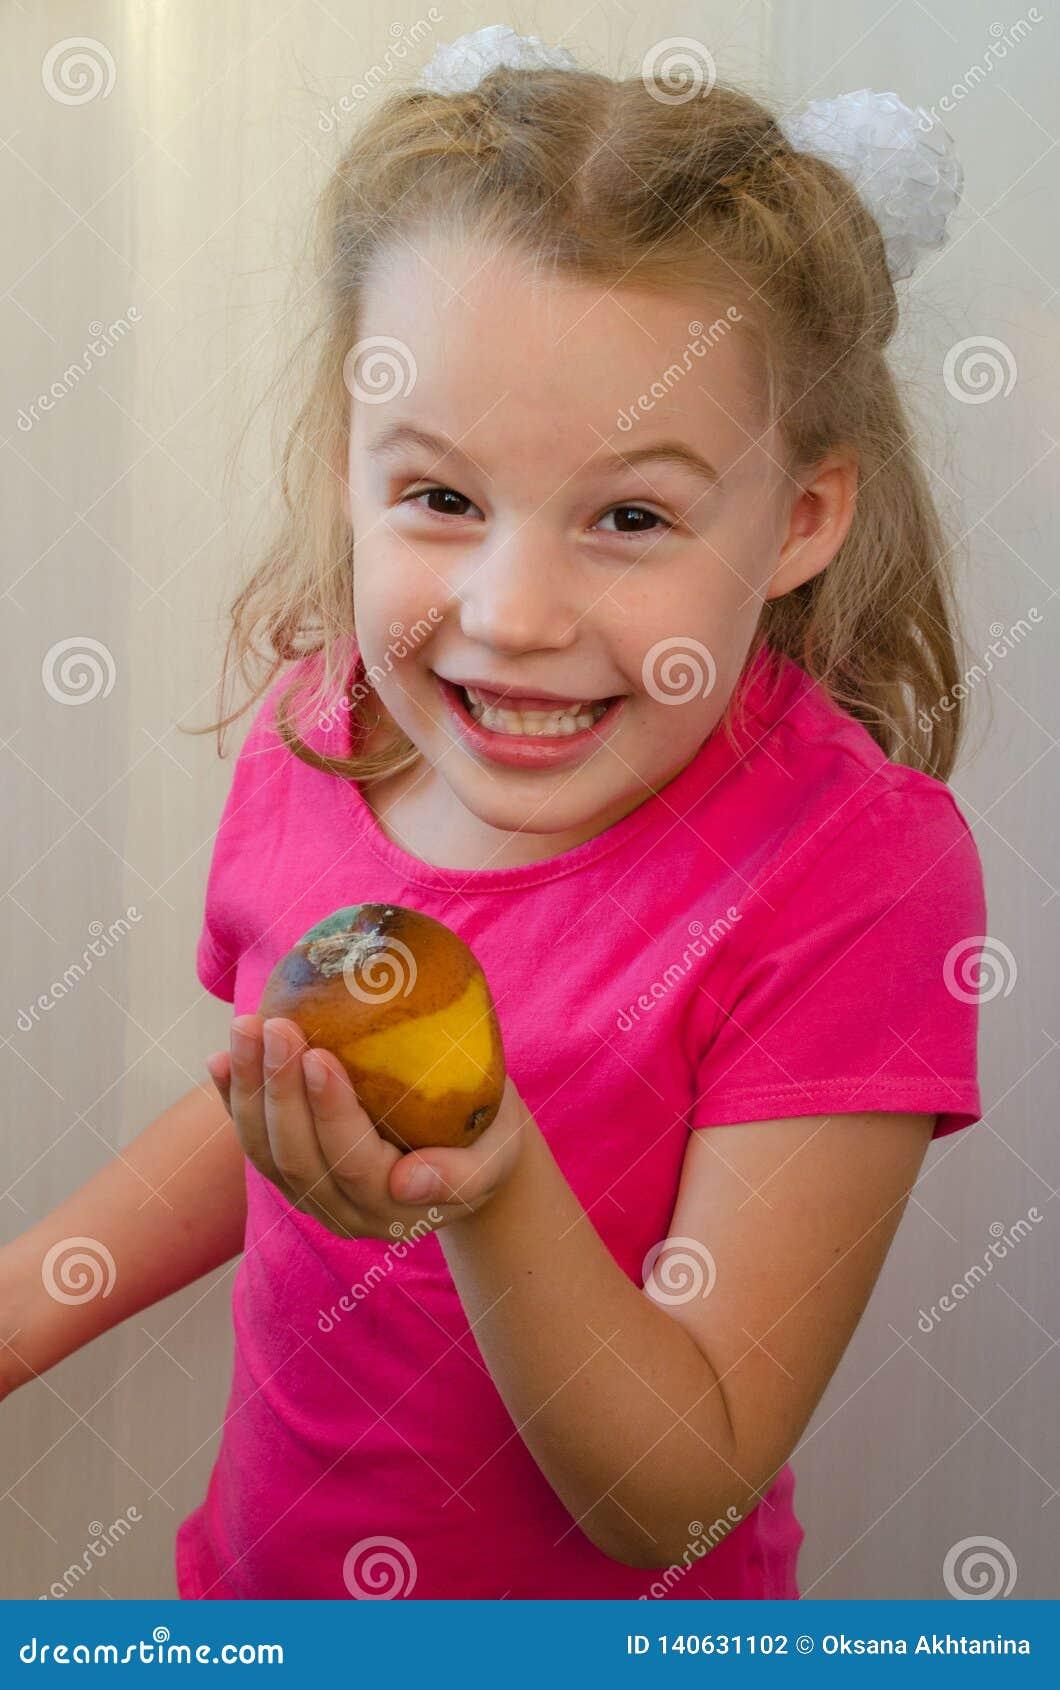 La ragazza bionda con un sorriso offre una pera marcia